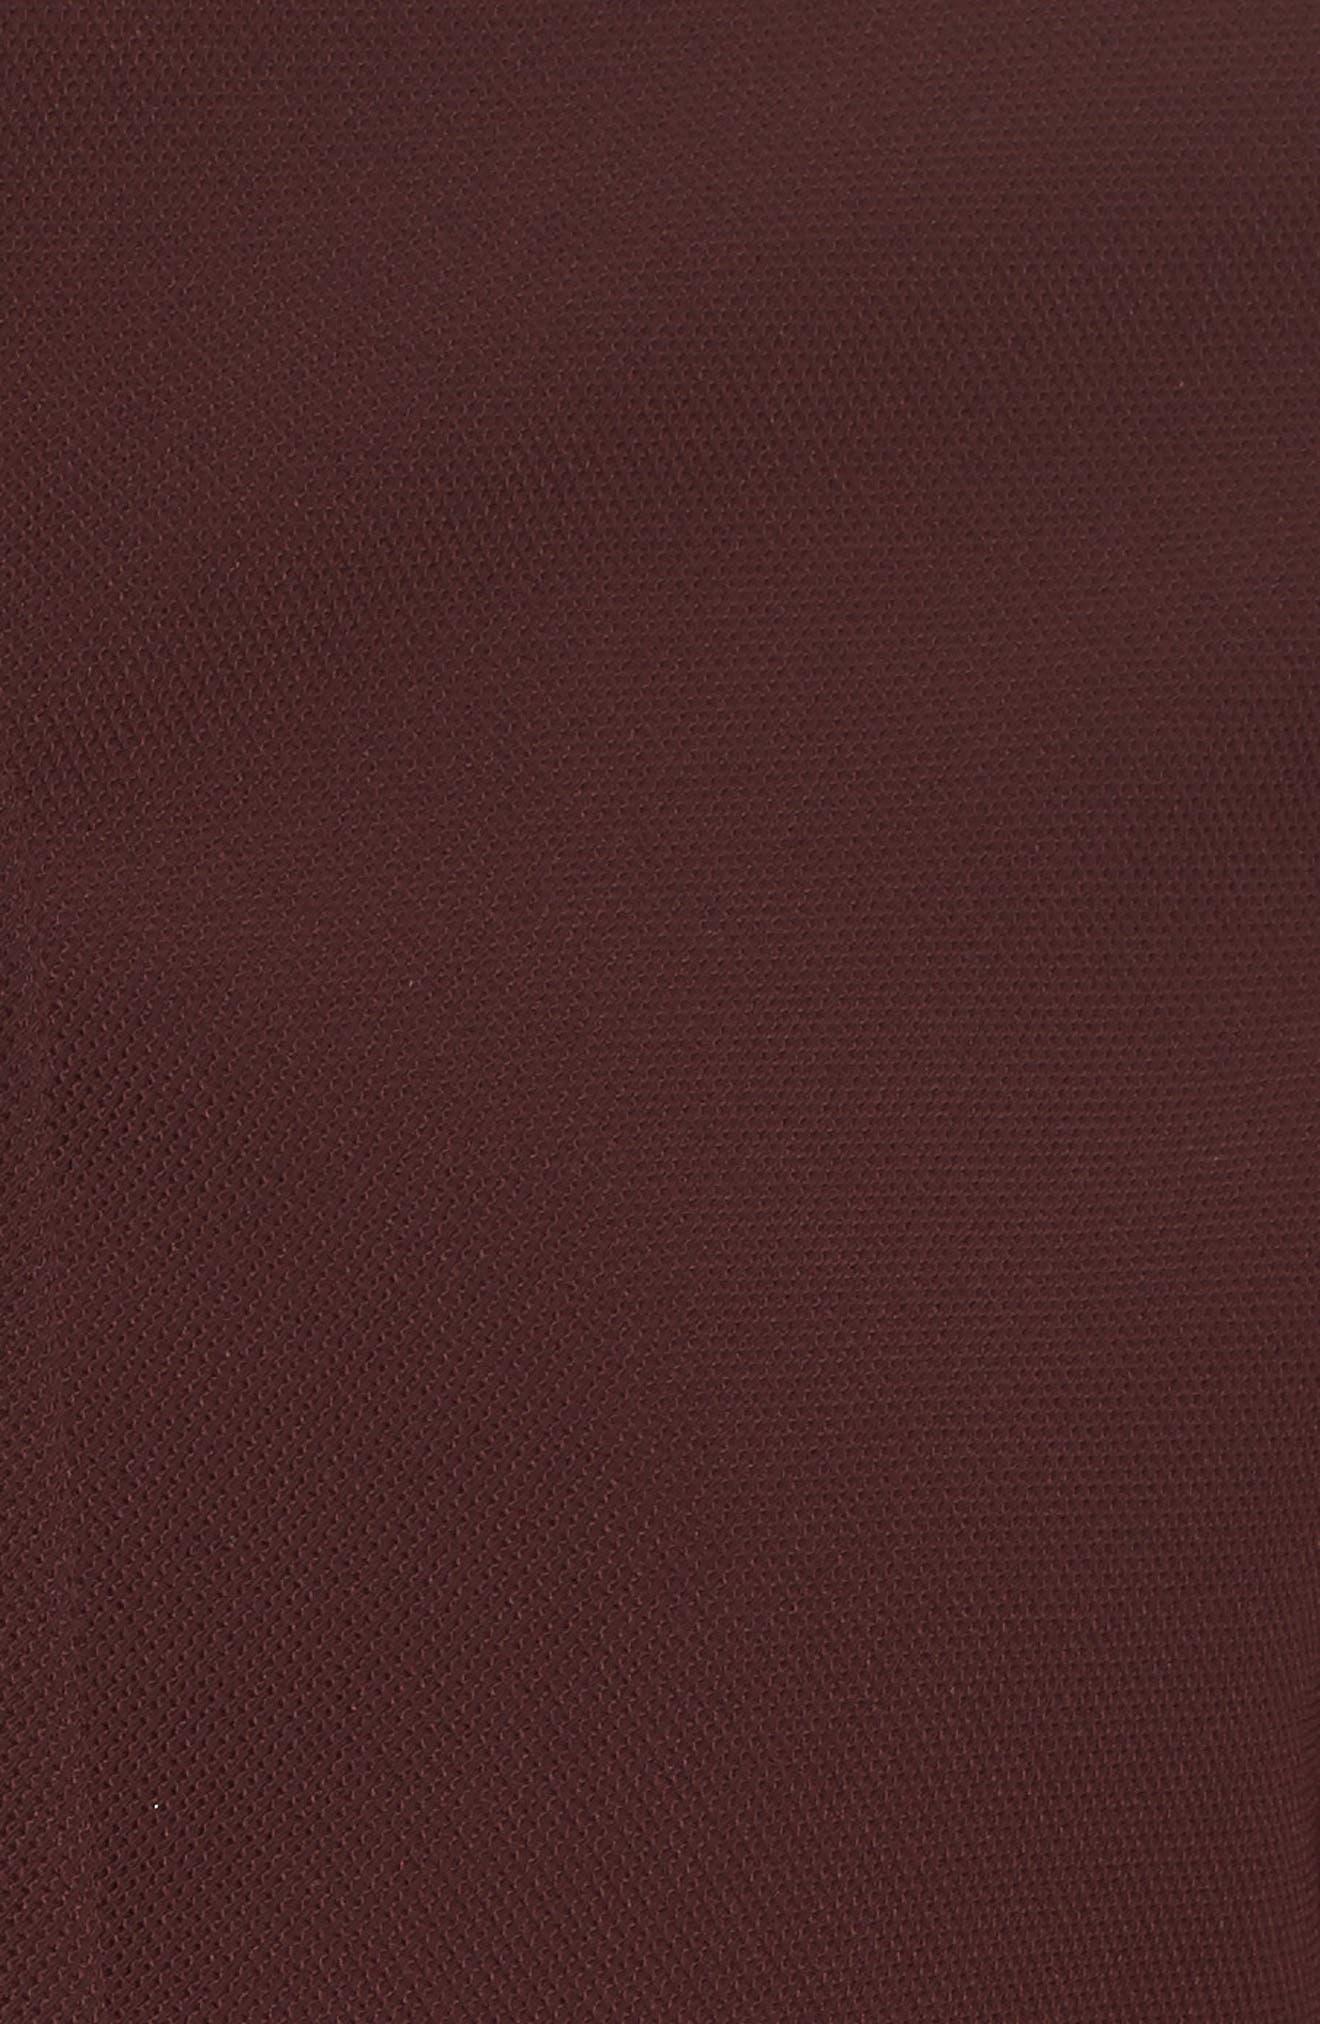 Juriona Suit Jacket,                             Alternate thumbnail 6, color,